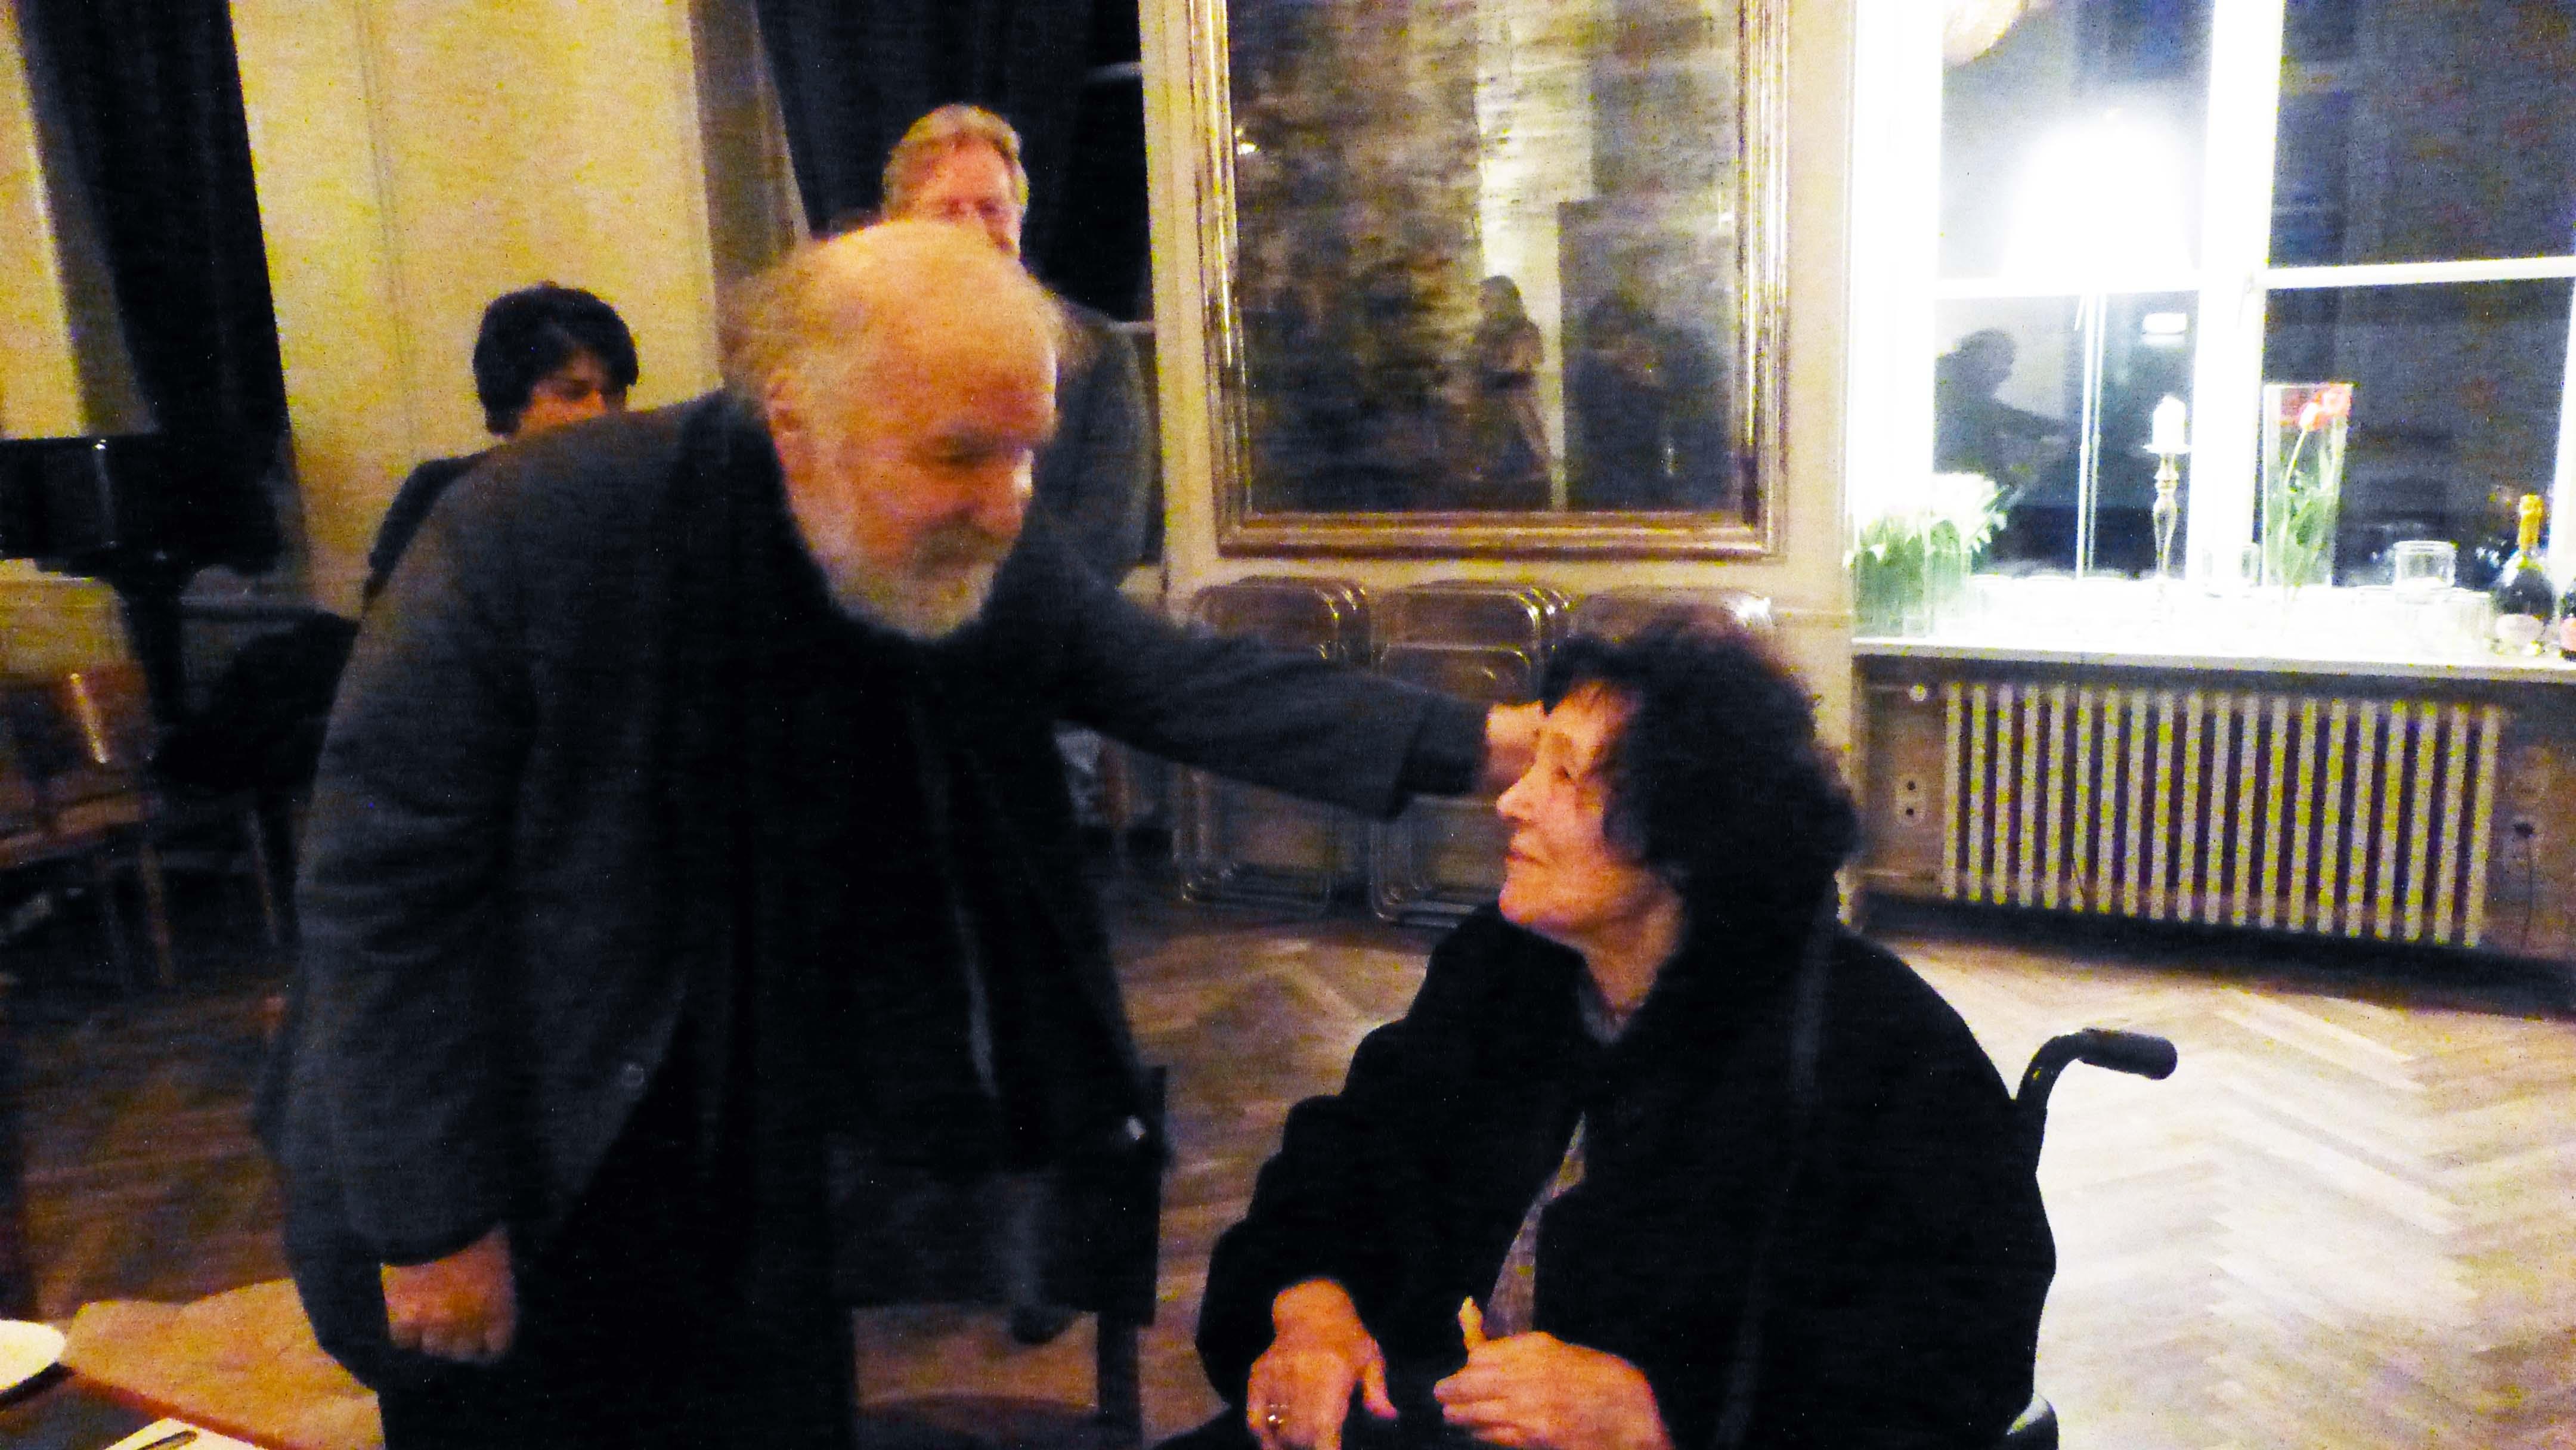 Radu Lupu im Gespräch mit der wohl ältesten Damen aus dem Publikum vor dem Konzert.